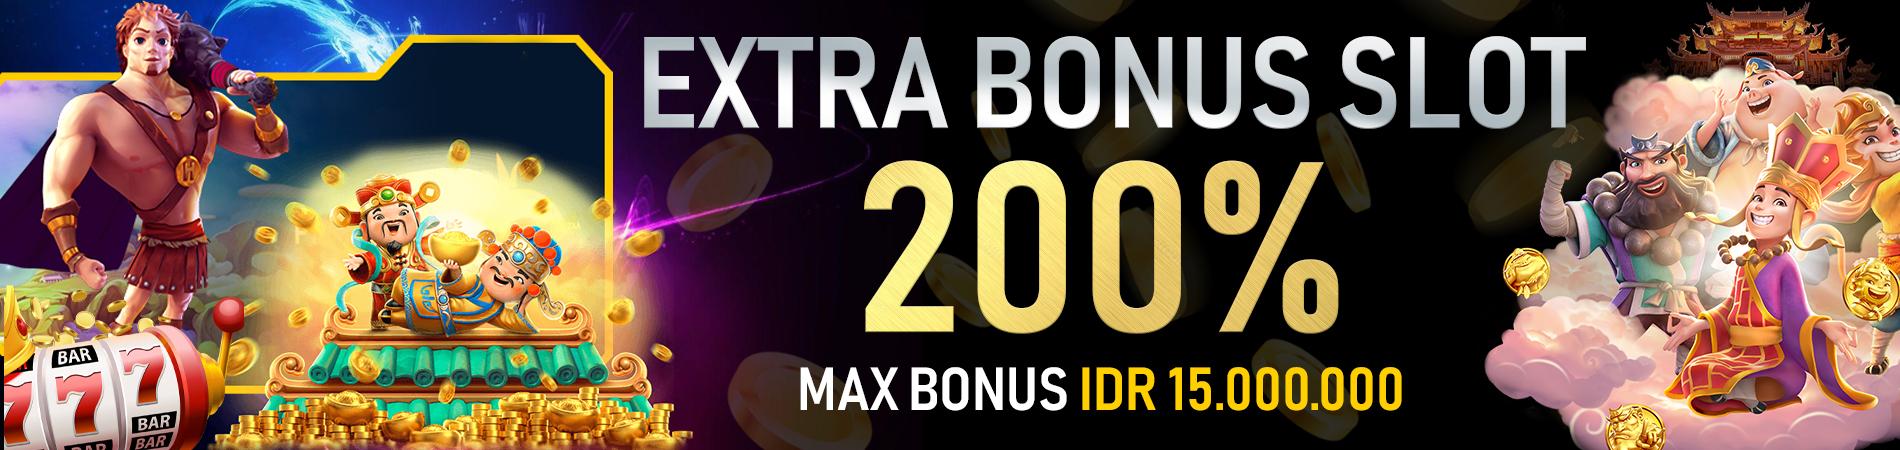 Promo Bonus Slot 200%